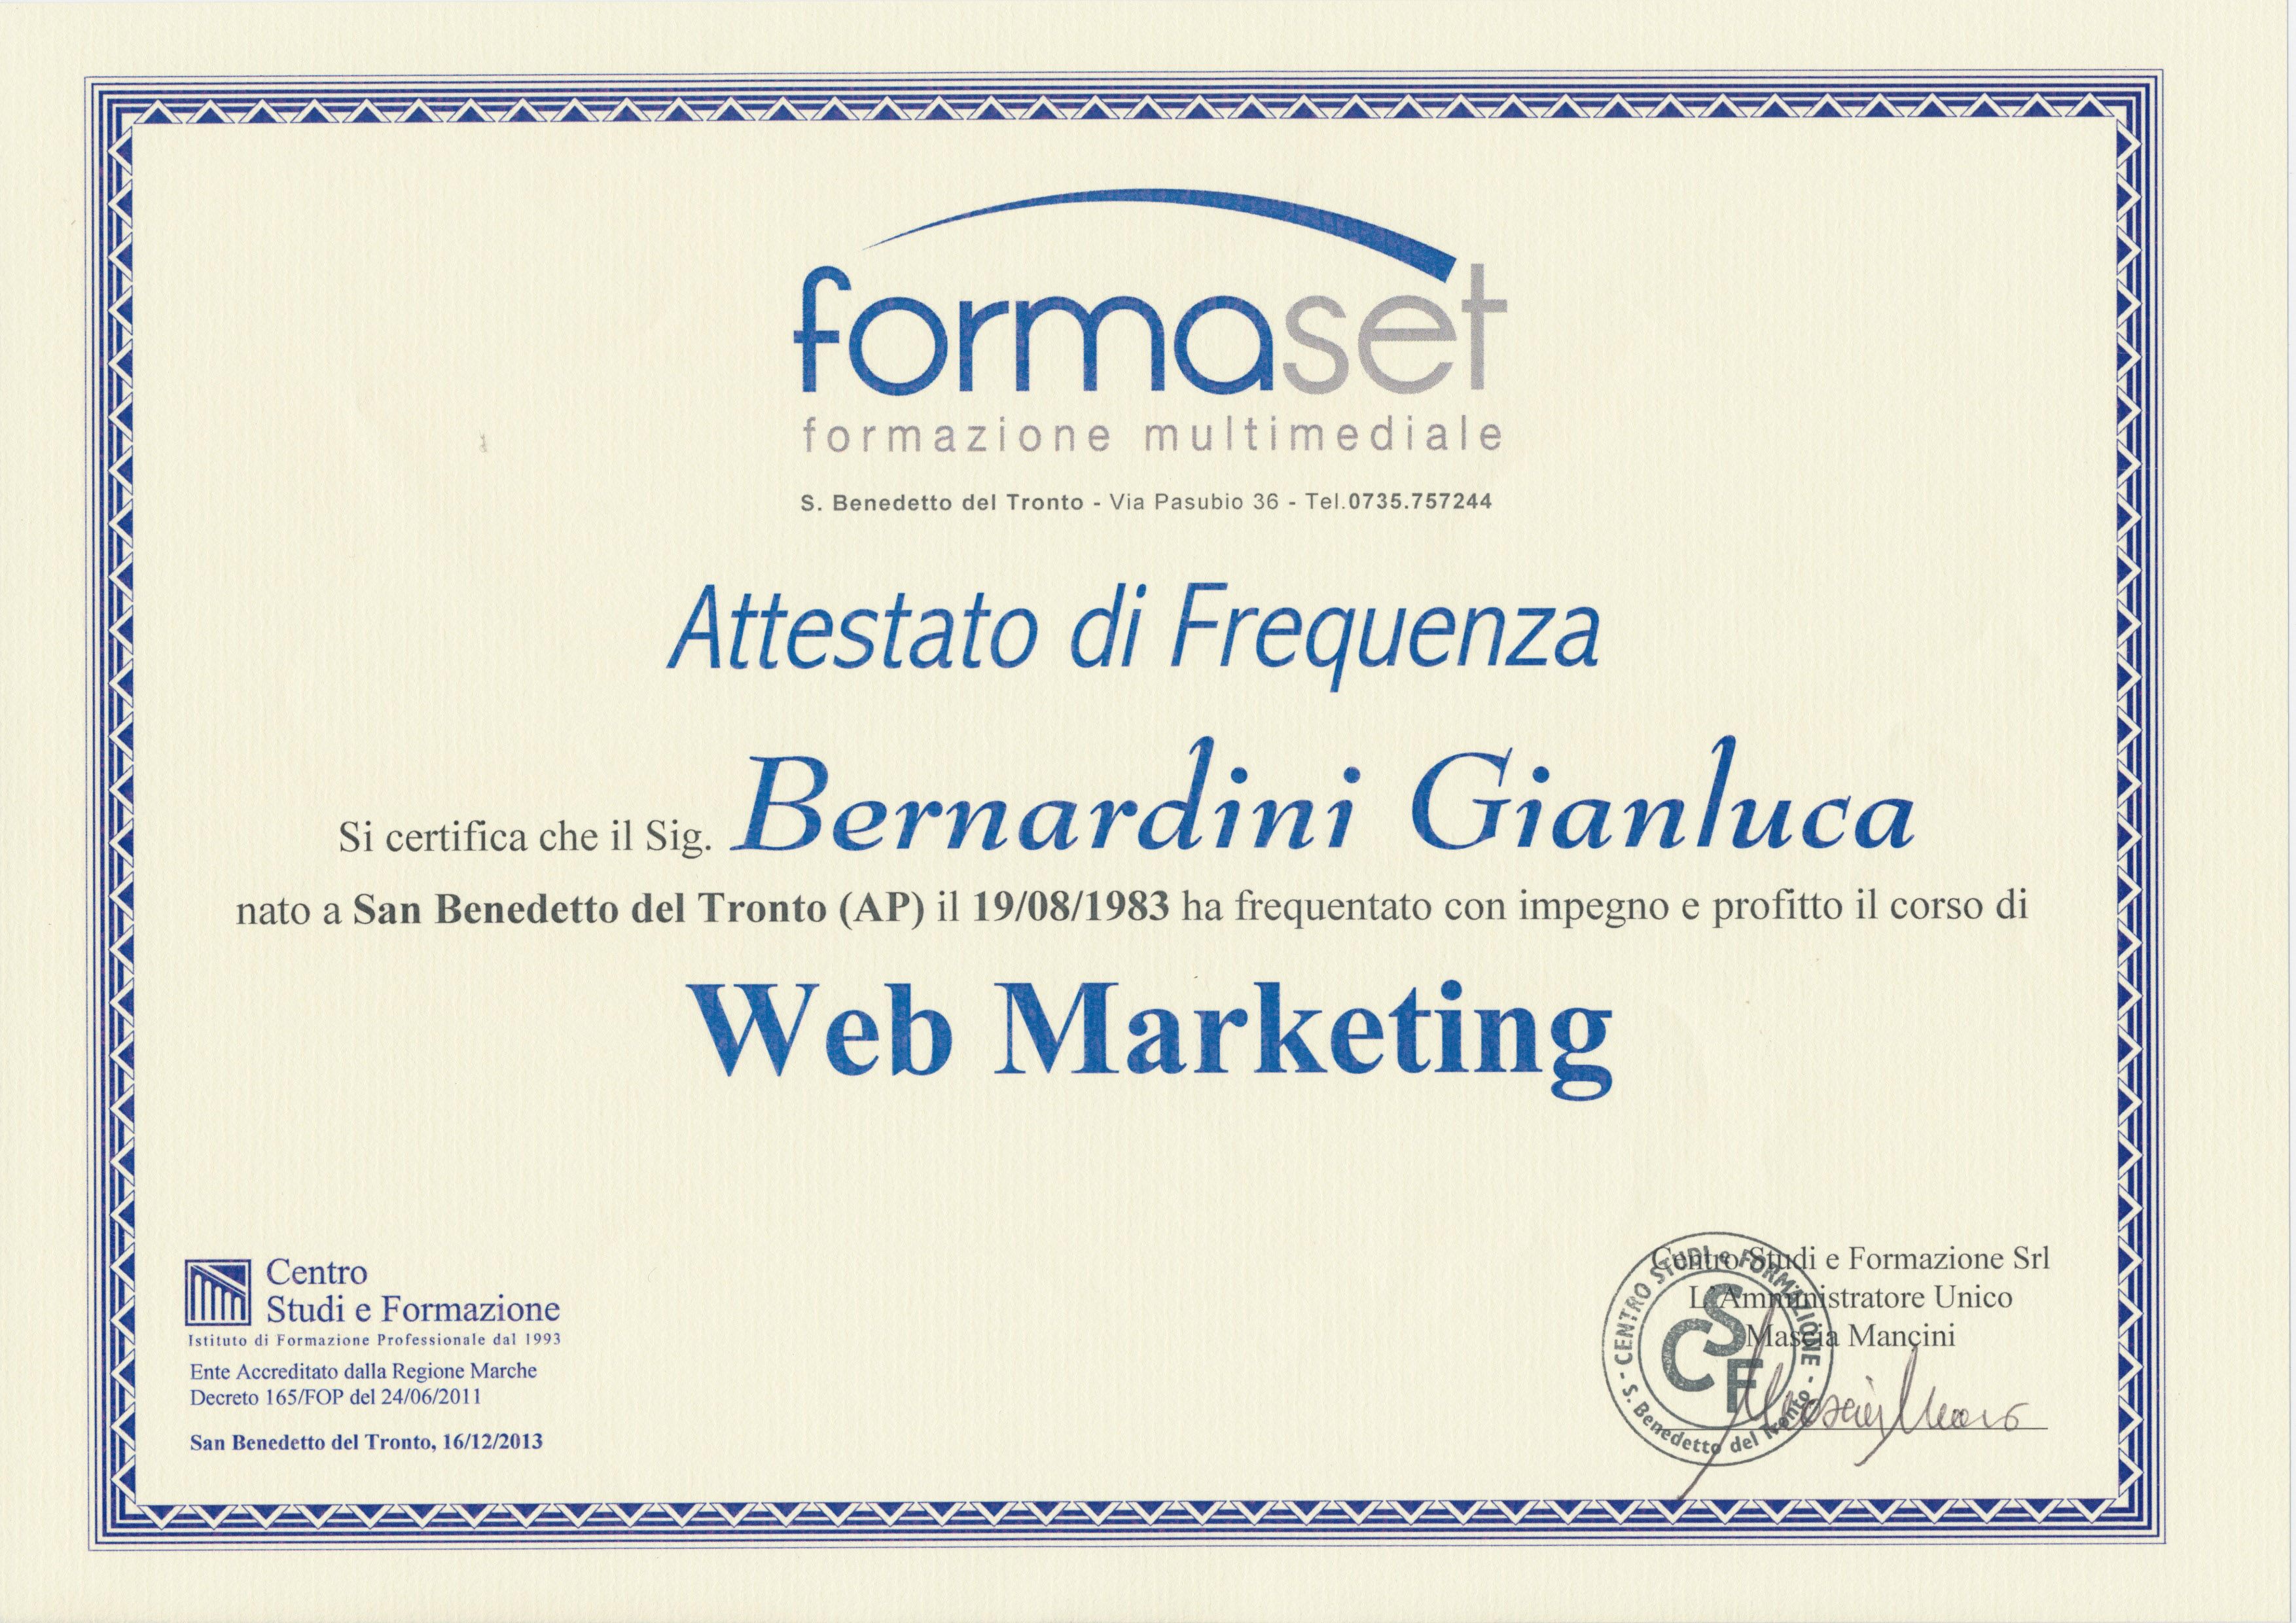 Attestato FormaSet 2013